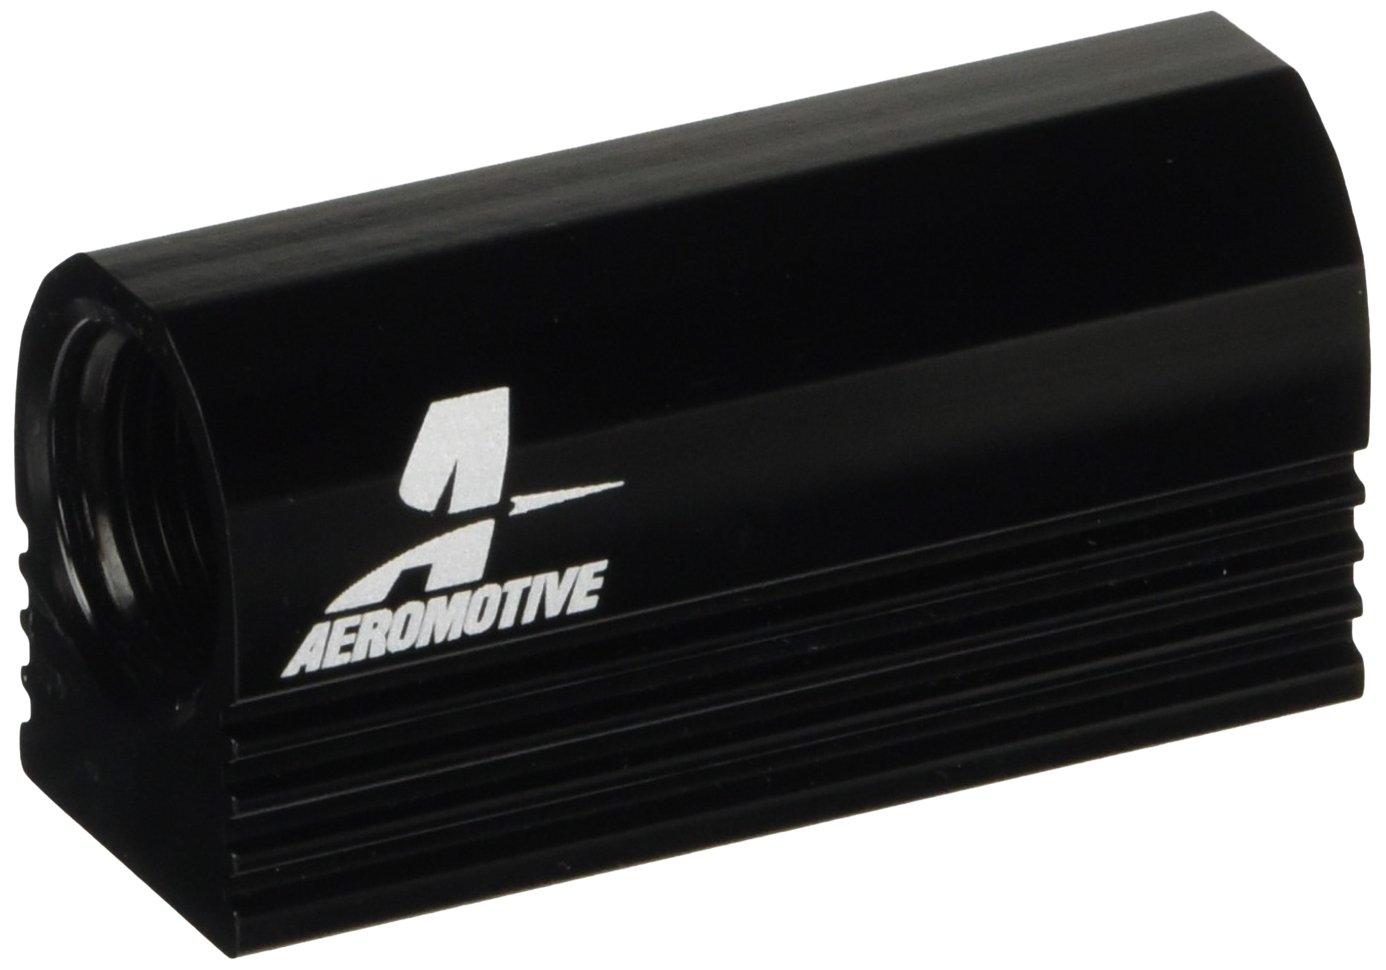 Aeromotive 15112 Sensor Adapter Log for 96-04 Ford 4.6L